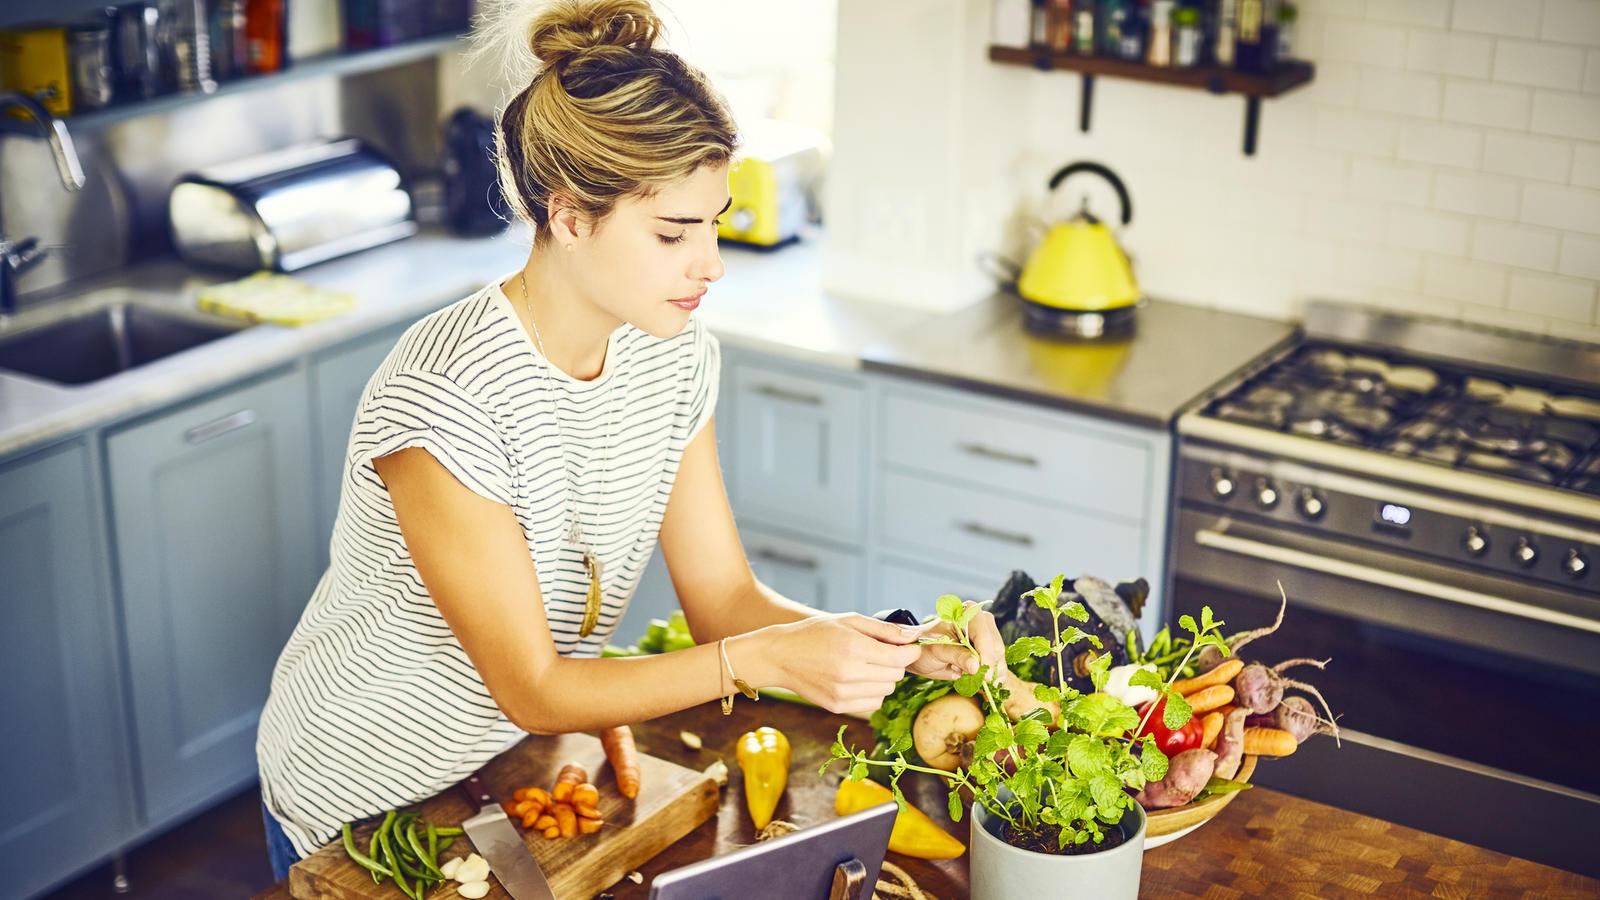 Der Kalorienbedarf ist bei jedem Menschen ganz individuell